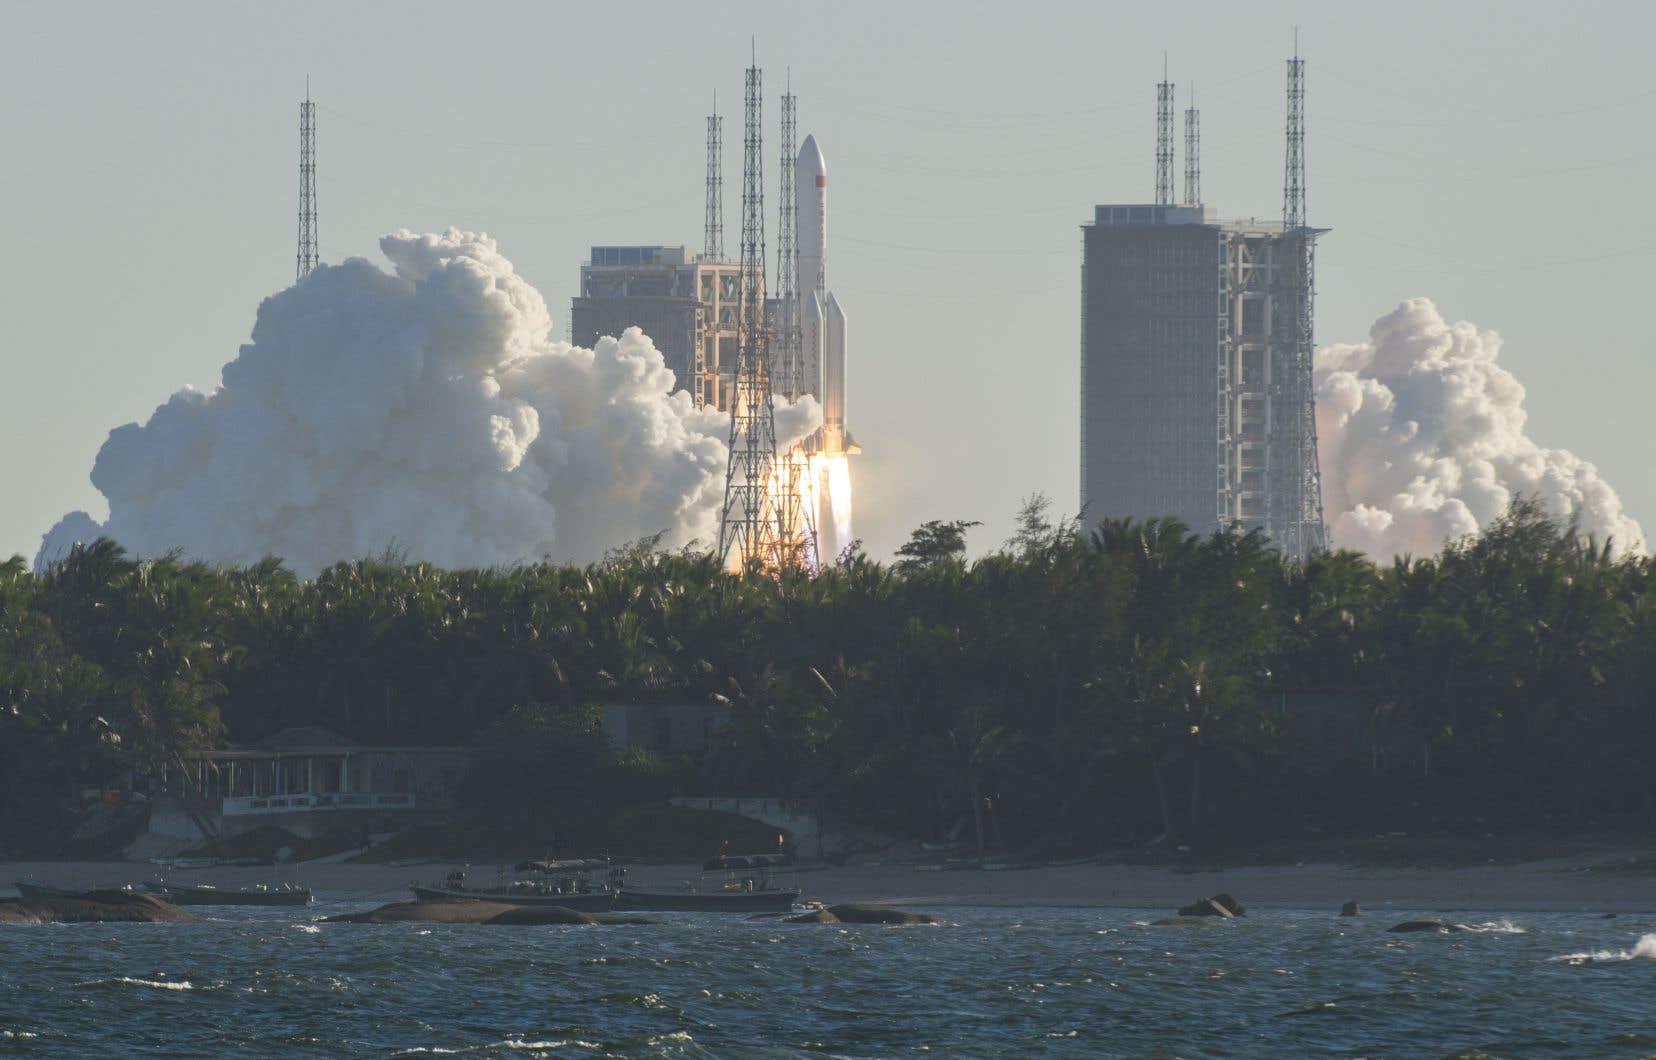 L'engin a été propulsé depuis la base de Wenchang sur l'île de Hainan (sud) à l'aide d'une fusée Longue-Marche 5B, dont c'était le vol inaugural, a indiqué Chine nouvelle.